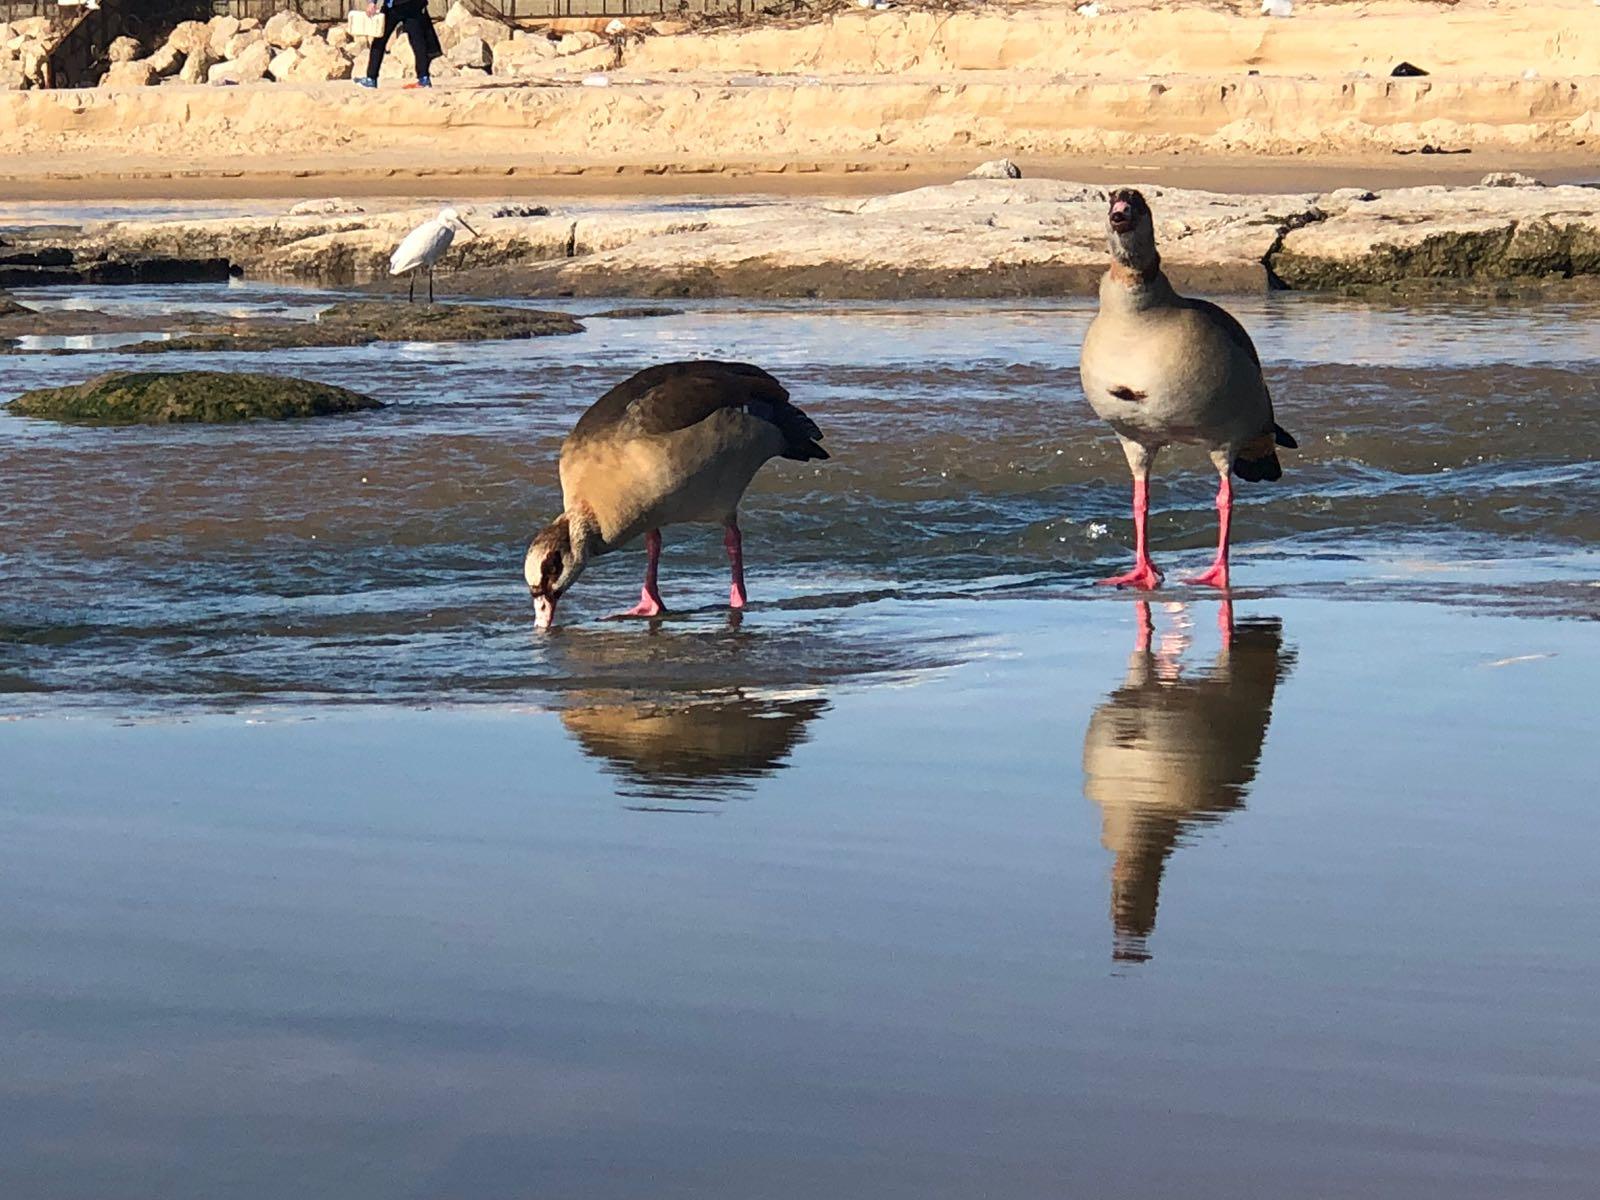 הציפורים בנחל לכיש צילום: ניר רוביסקי